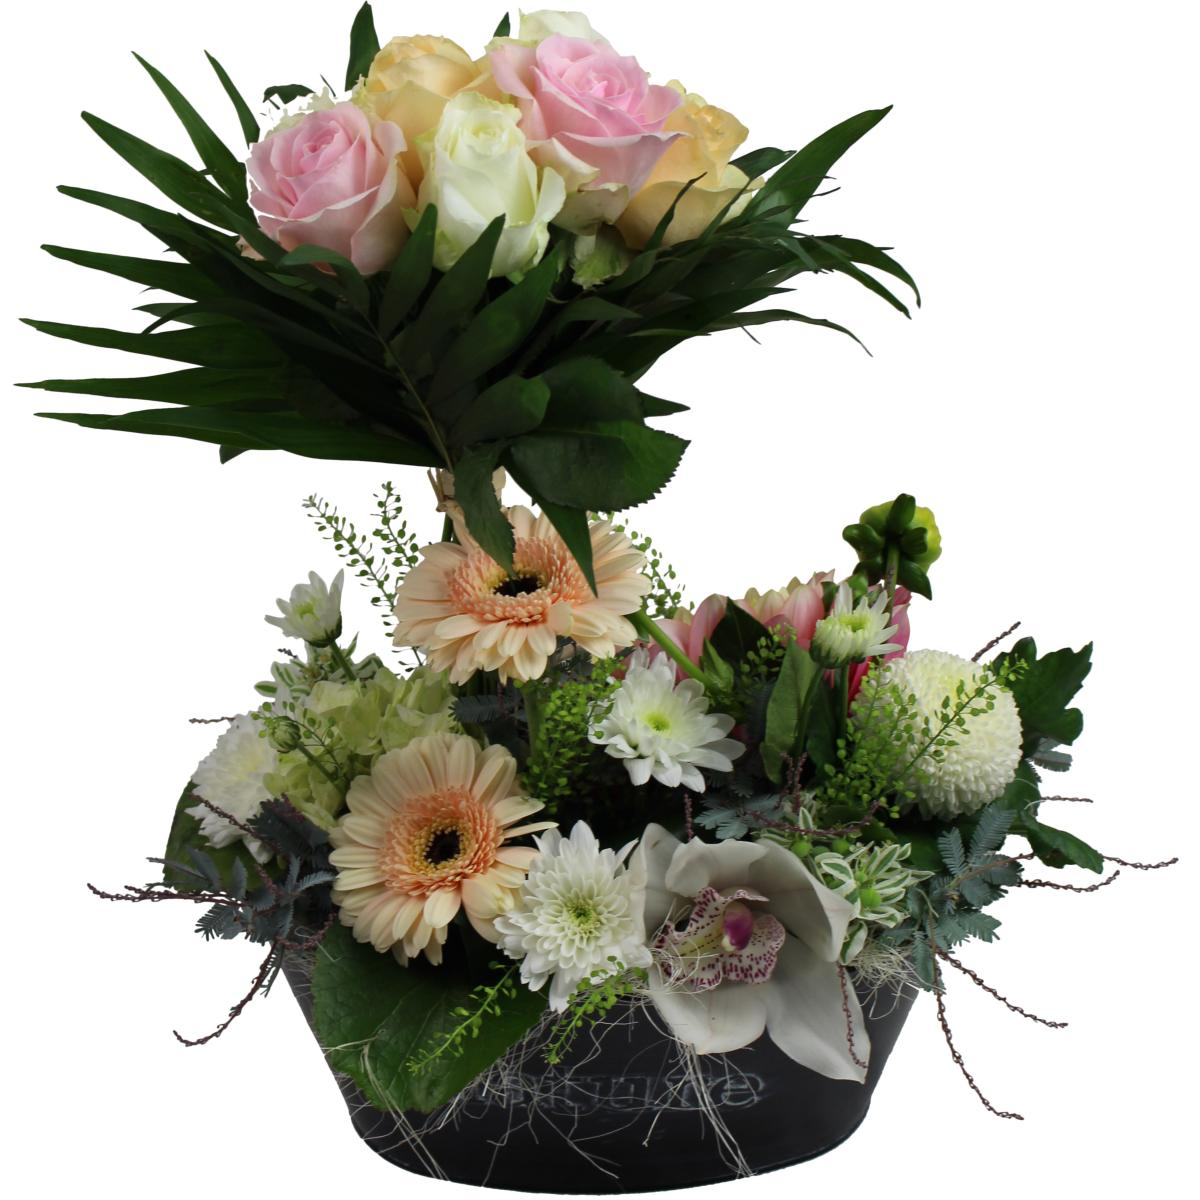 composition de fleurs bouquet de roses automnale. Black Bedroom Furniture Sets. Home Design Ideas